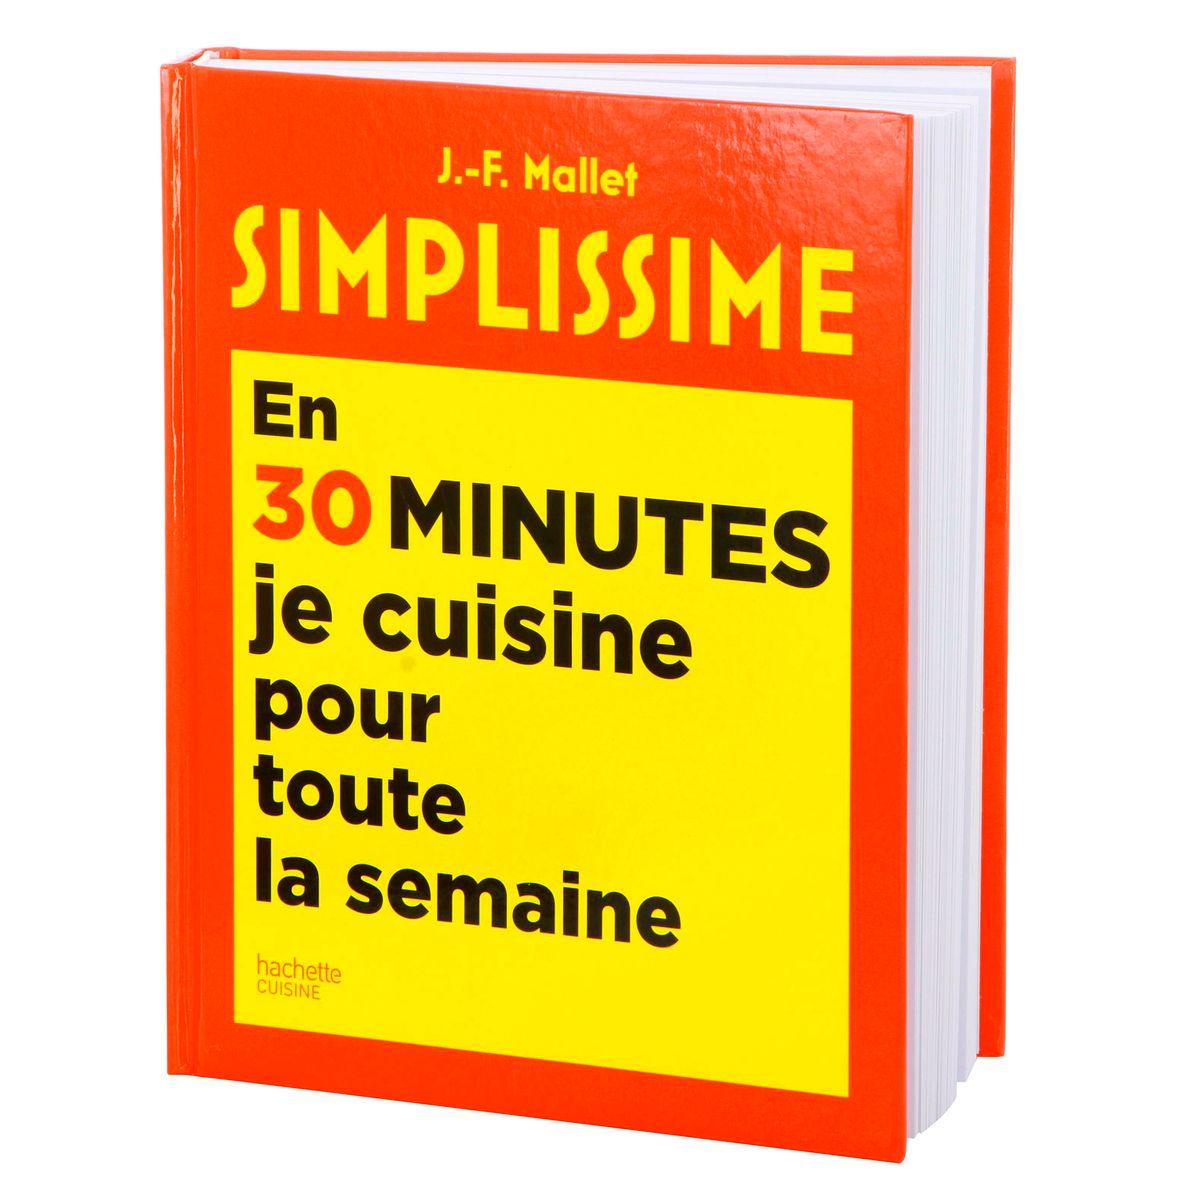 Simplissime en 30 min je cuisine pour toute la semaine - Hachette Pratique